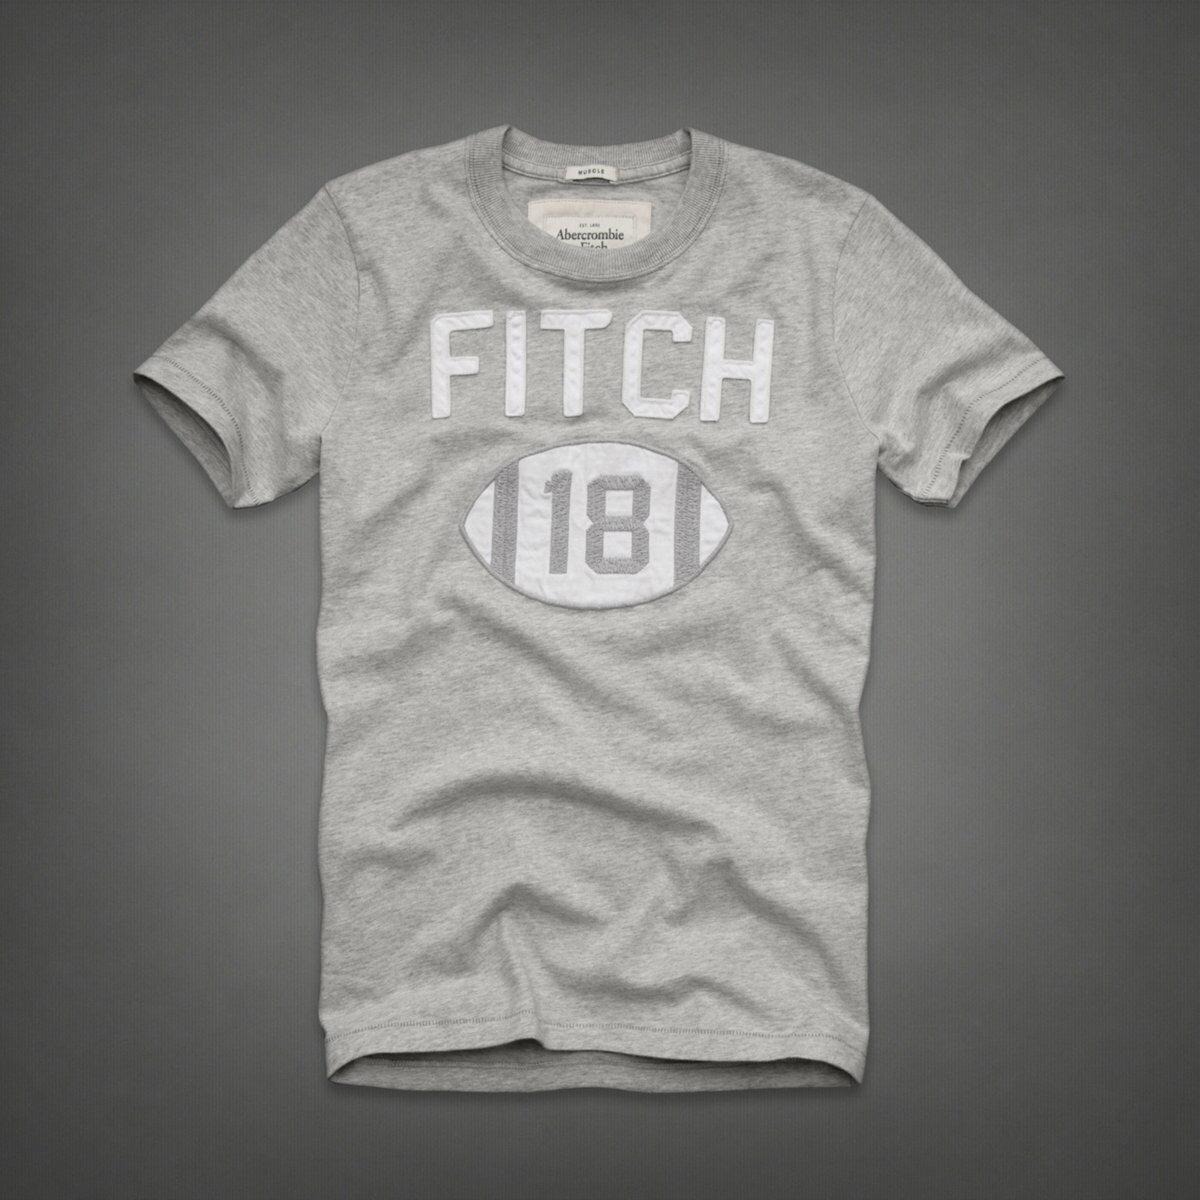 美國百分百【Abercrombie & Fitch】T恤 AF 短袖 T-shirt 麋鹿 S號 淺灰 橄欖球 E742